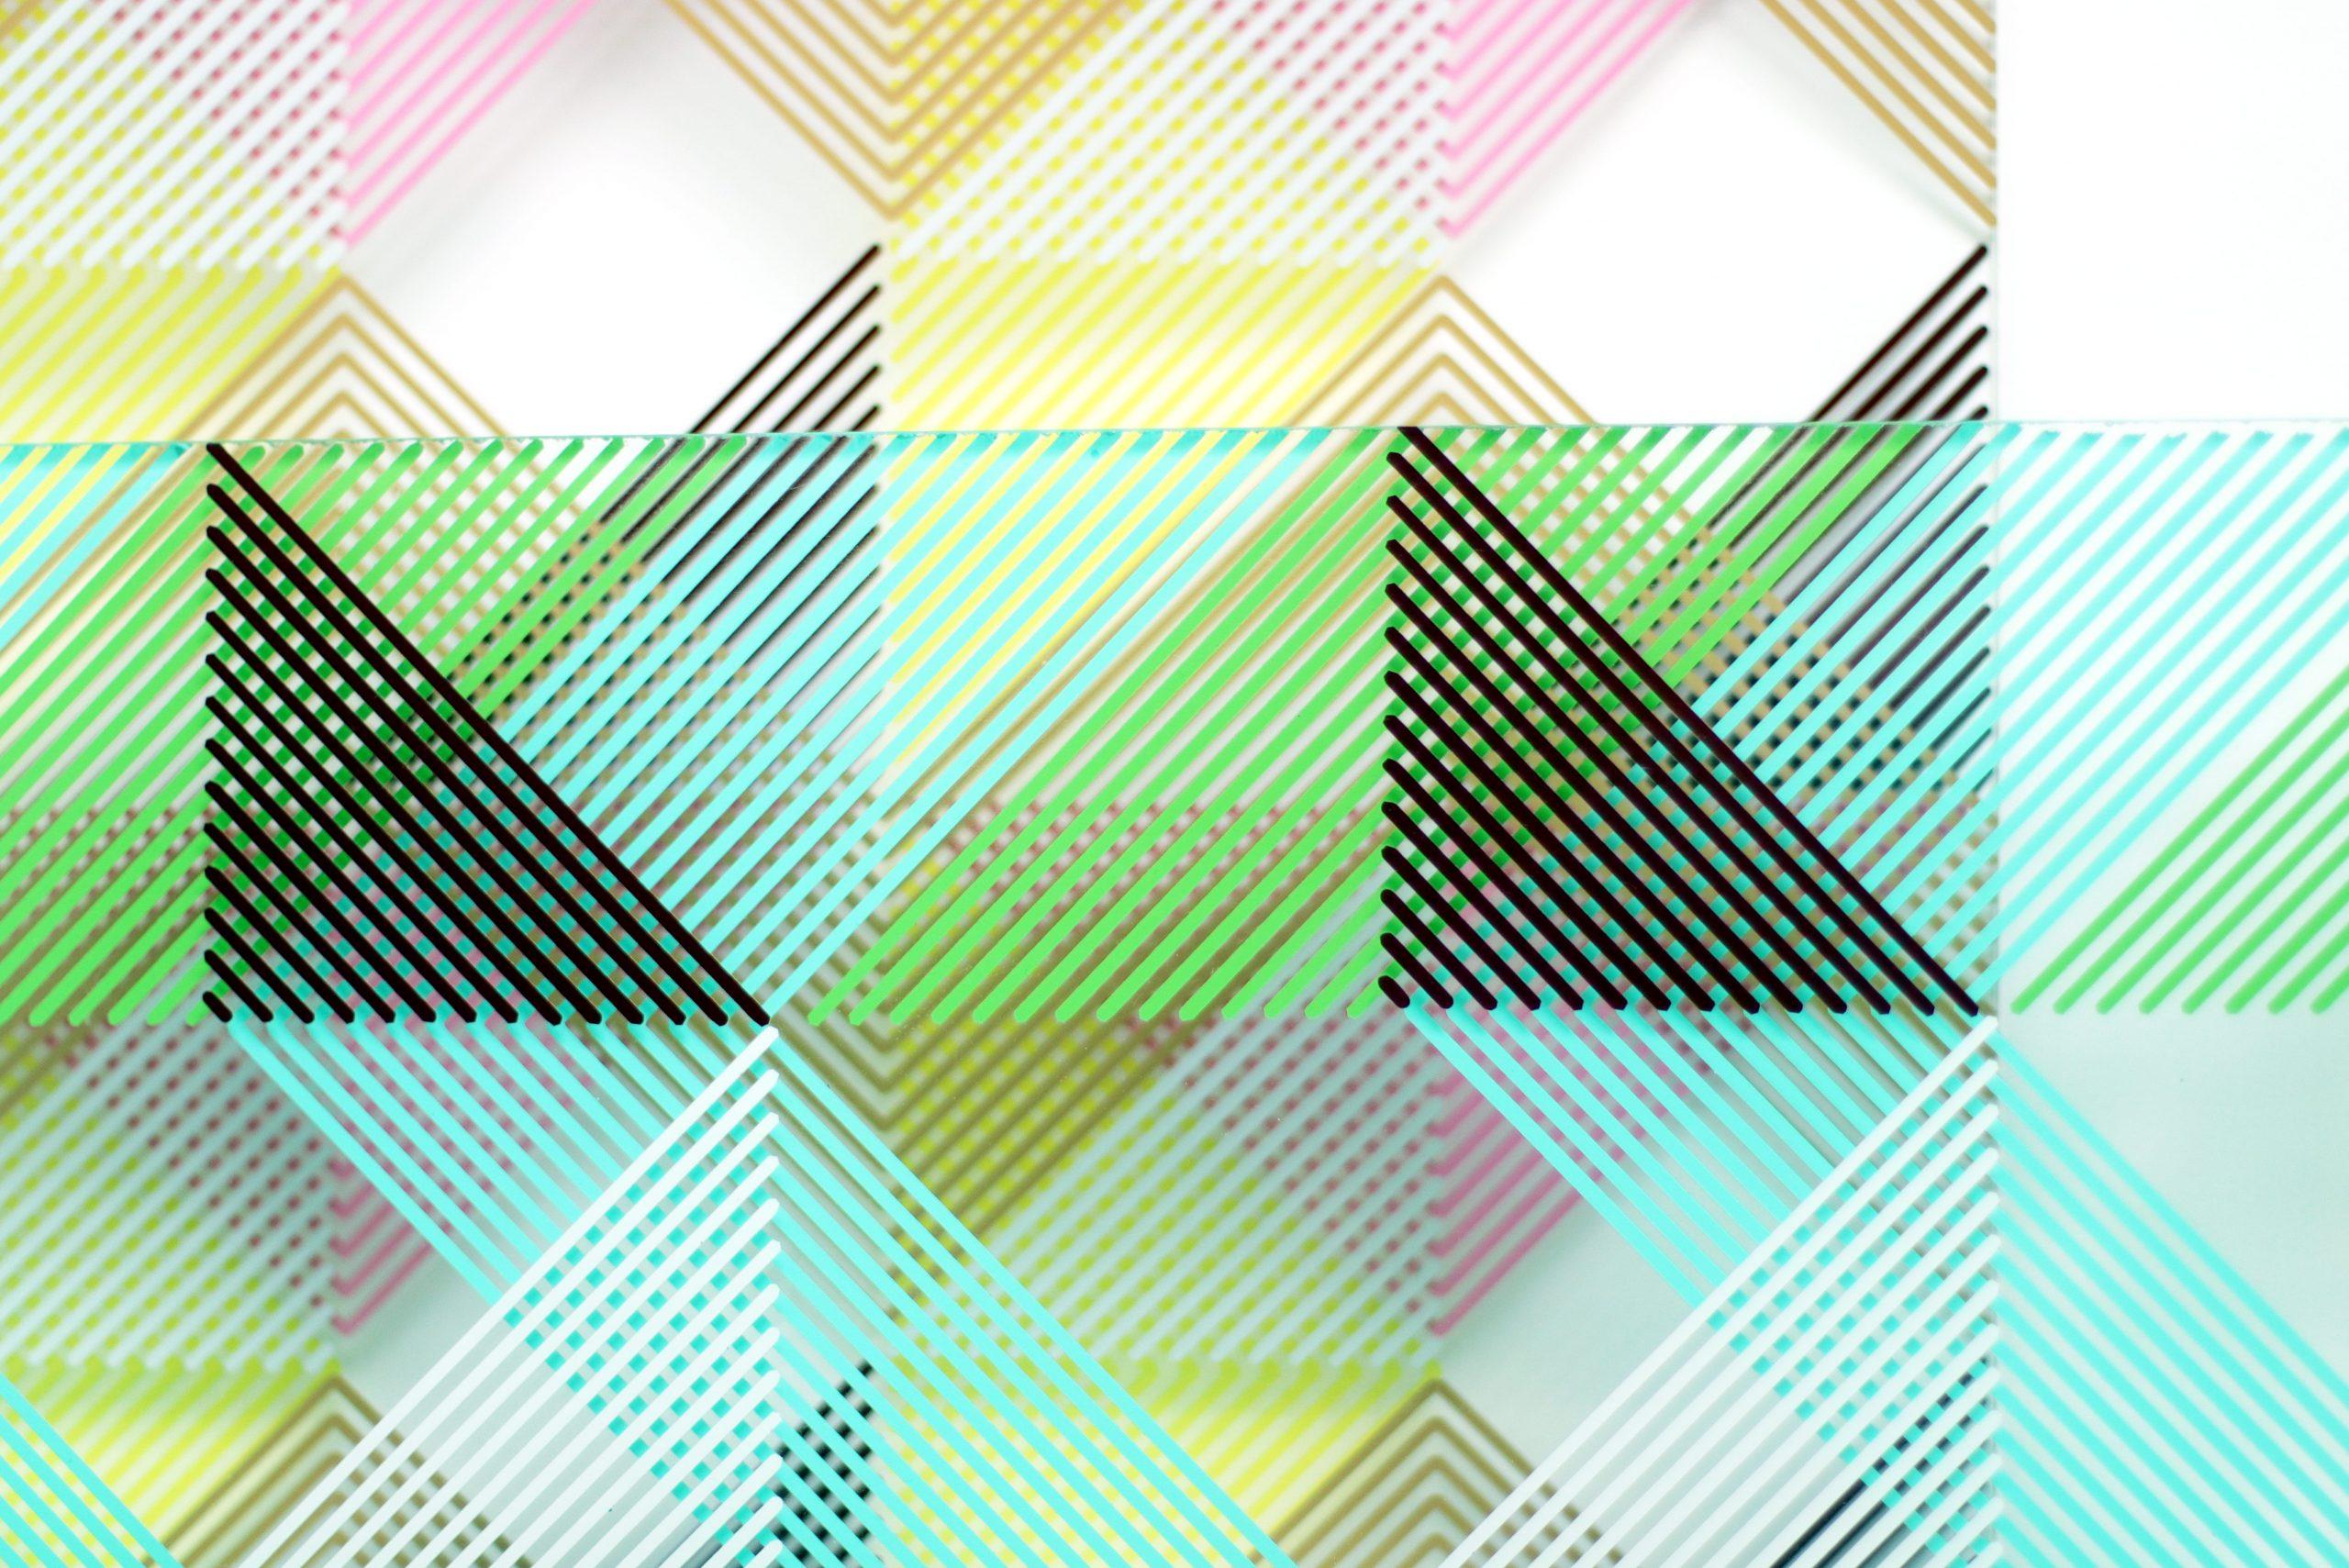 Rytmisk opstilling af filtre. Udsnit 1